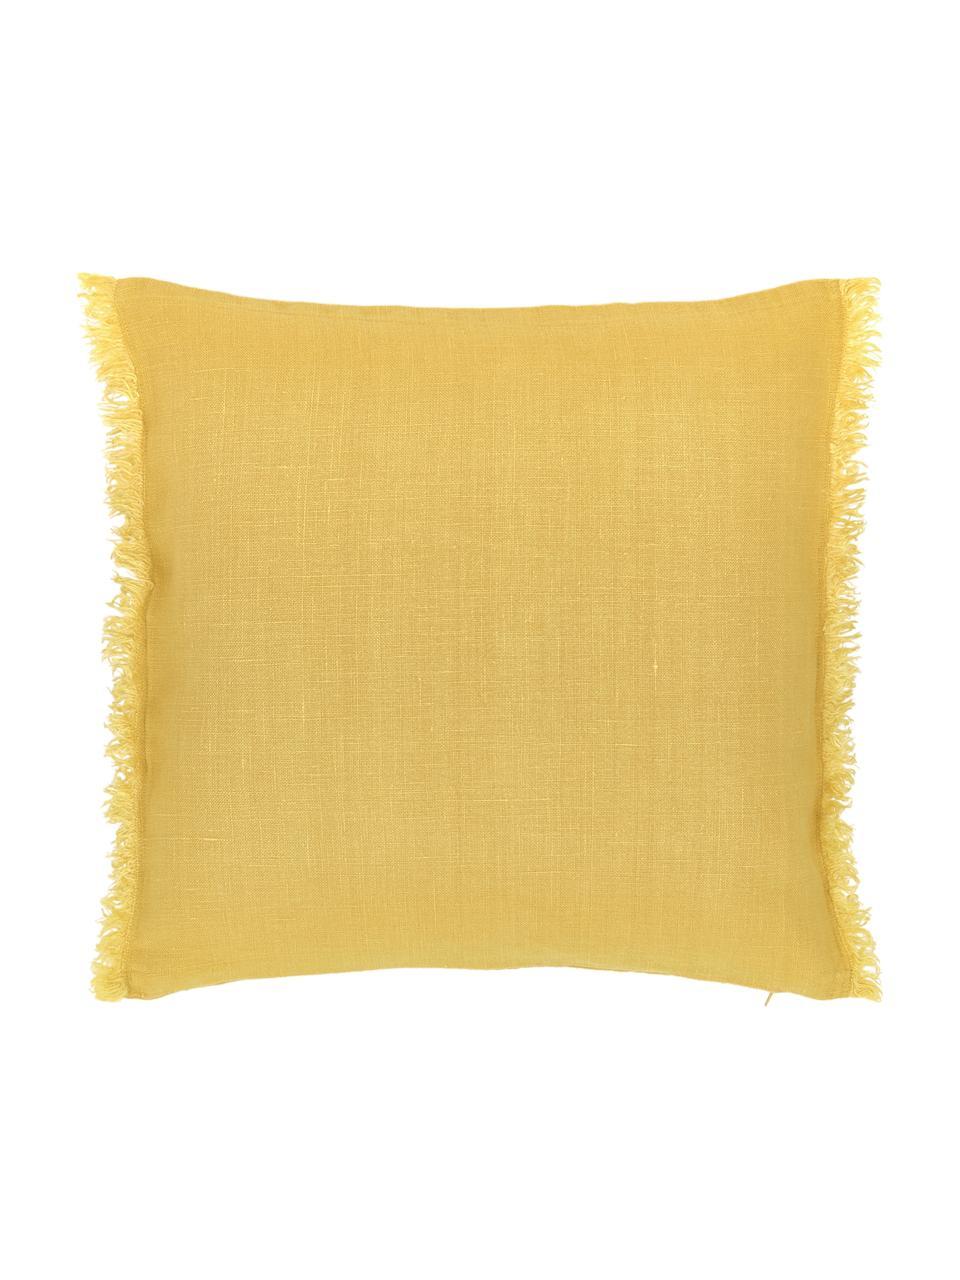 Leinen-Kissenhülle Luana in Gelb mit Fransen, 100% Leinen, Gelb, 40 x 40 cm